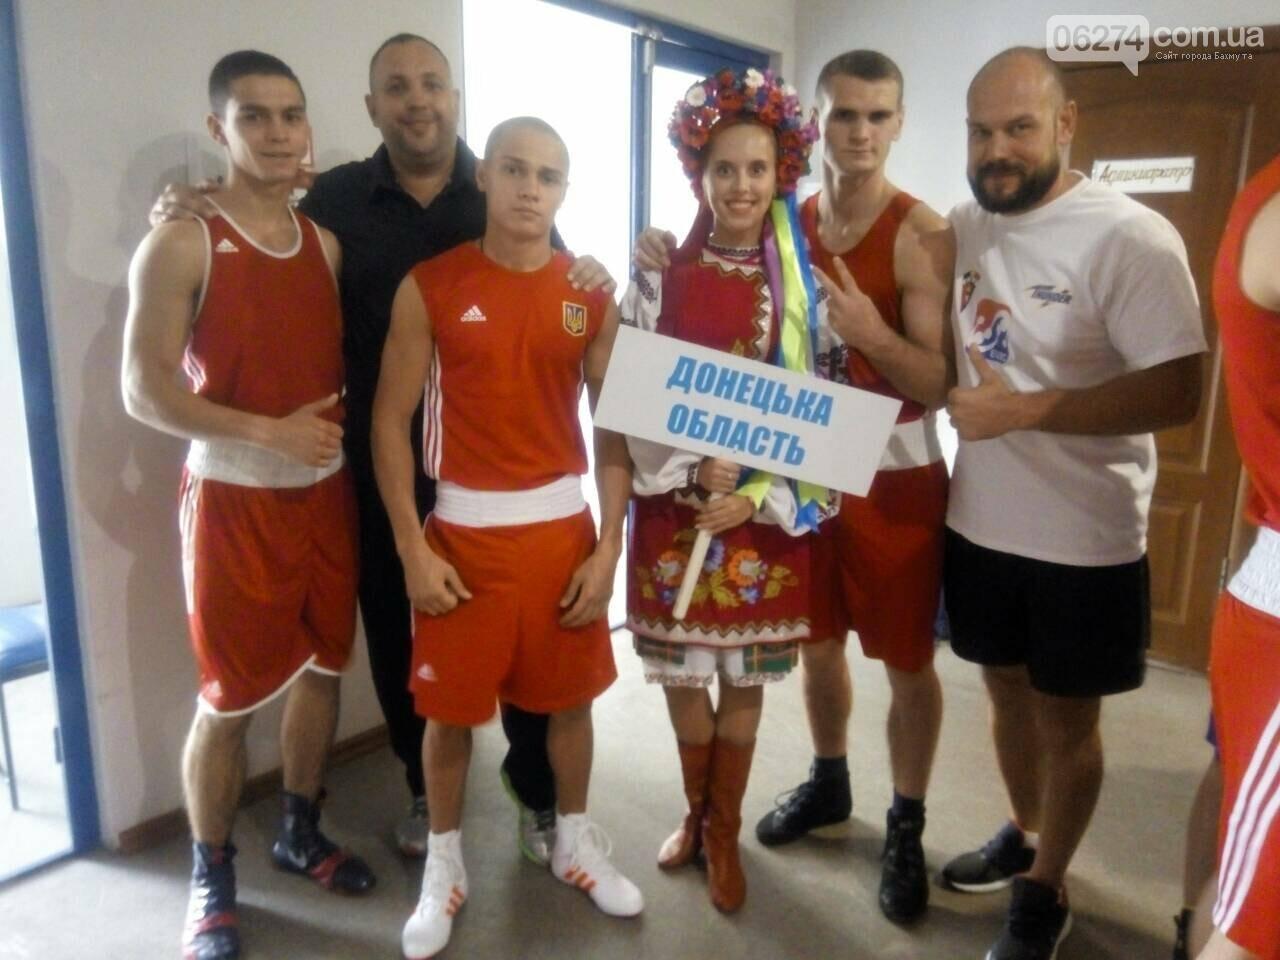 Боксеры Бахмута стартуют на чемпионате Украины в Мариуполе, фото-2